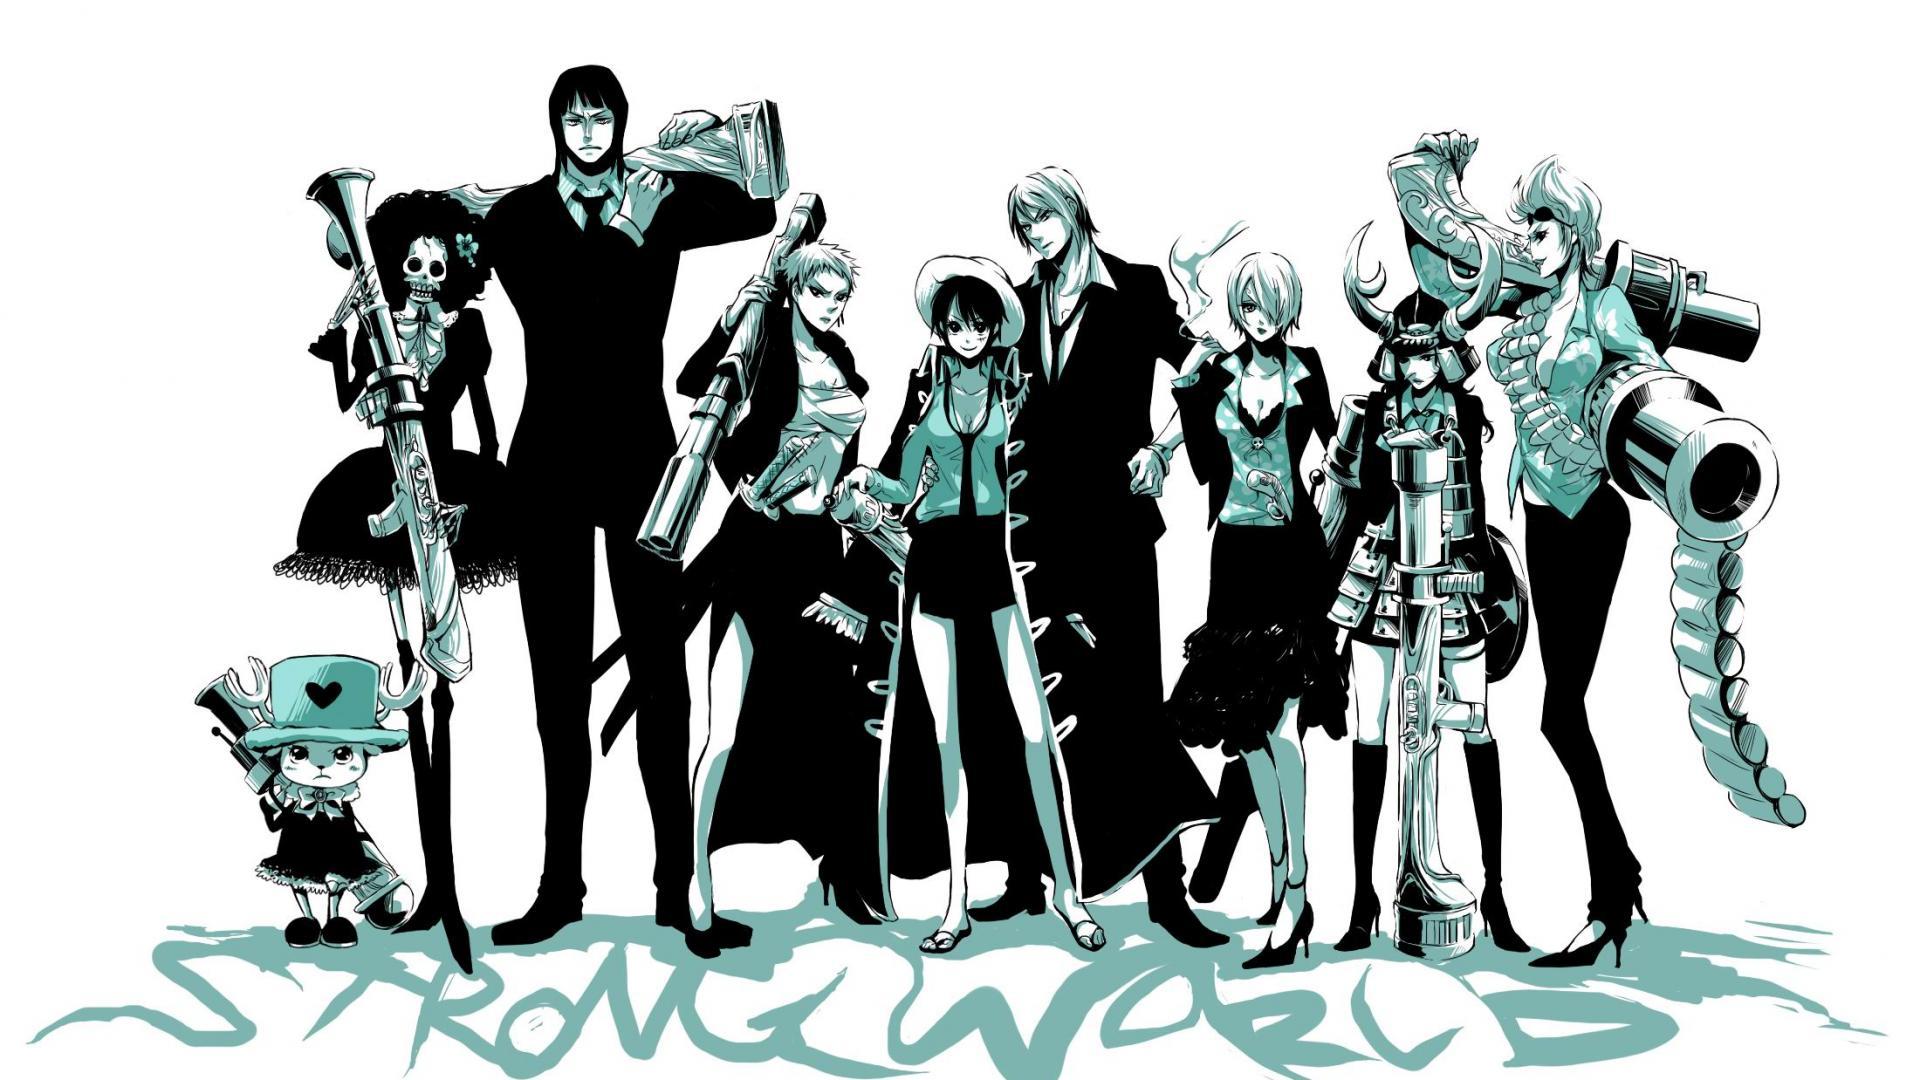 <b>One Piece Wallpaper</b> - QyGjxZ